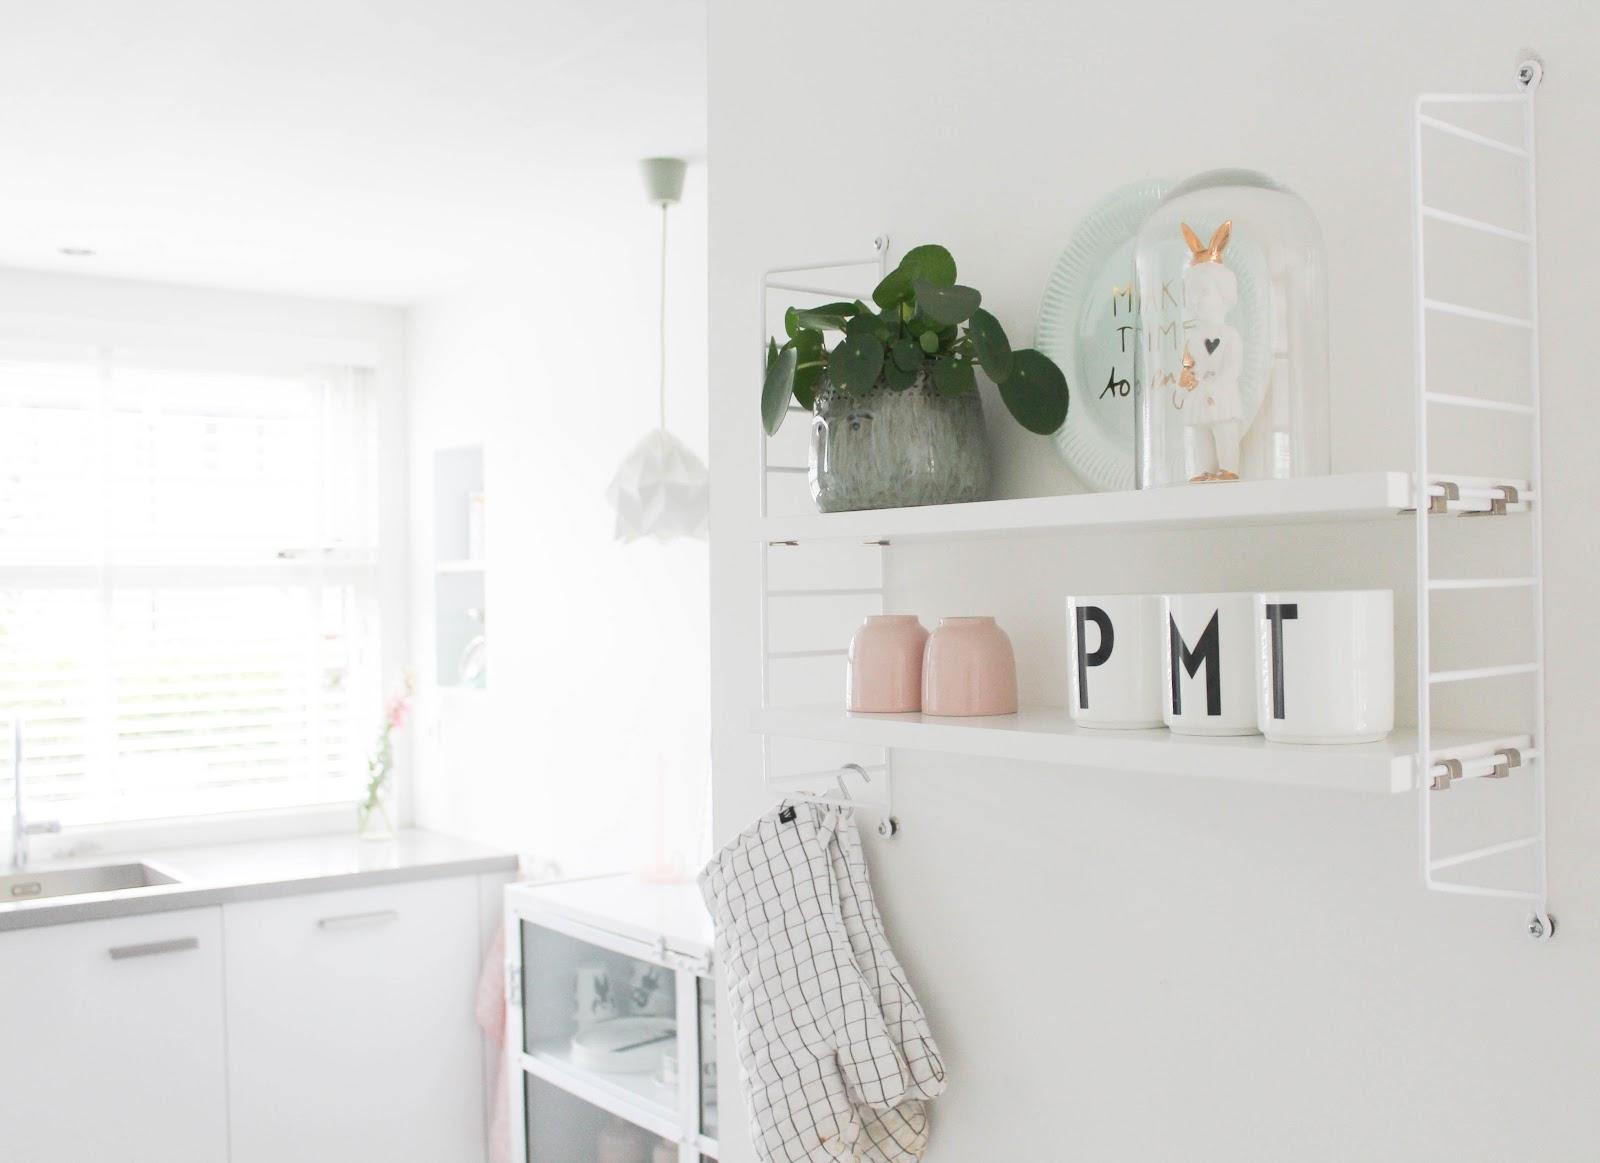 Missjettle : raamdecoratie in de keuken